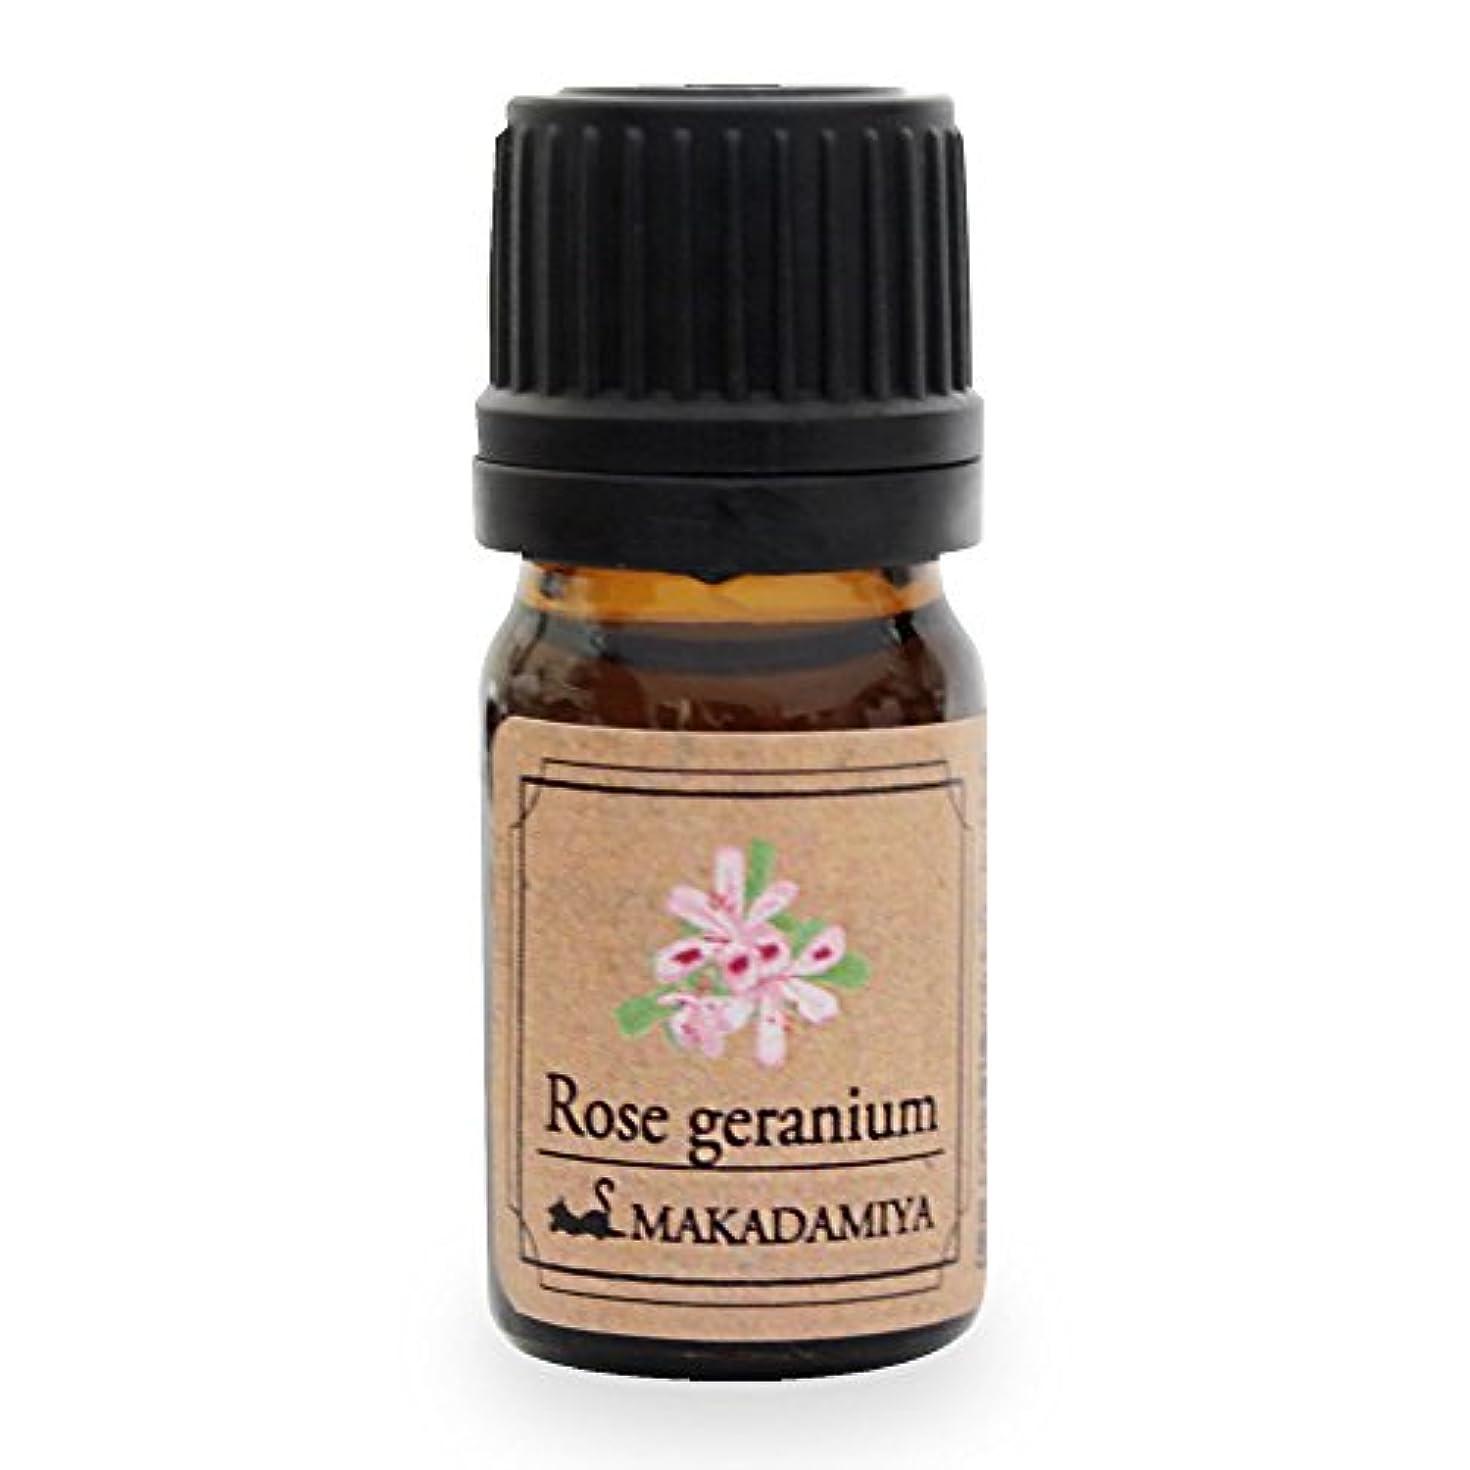 相互敬意を表する排除するローズゼラニウム5ml 天然100%植物性 エッセンシャルオイル(精油) アロマオイル アロママッサージ aroma Rose Geranium